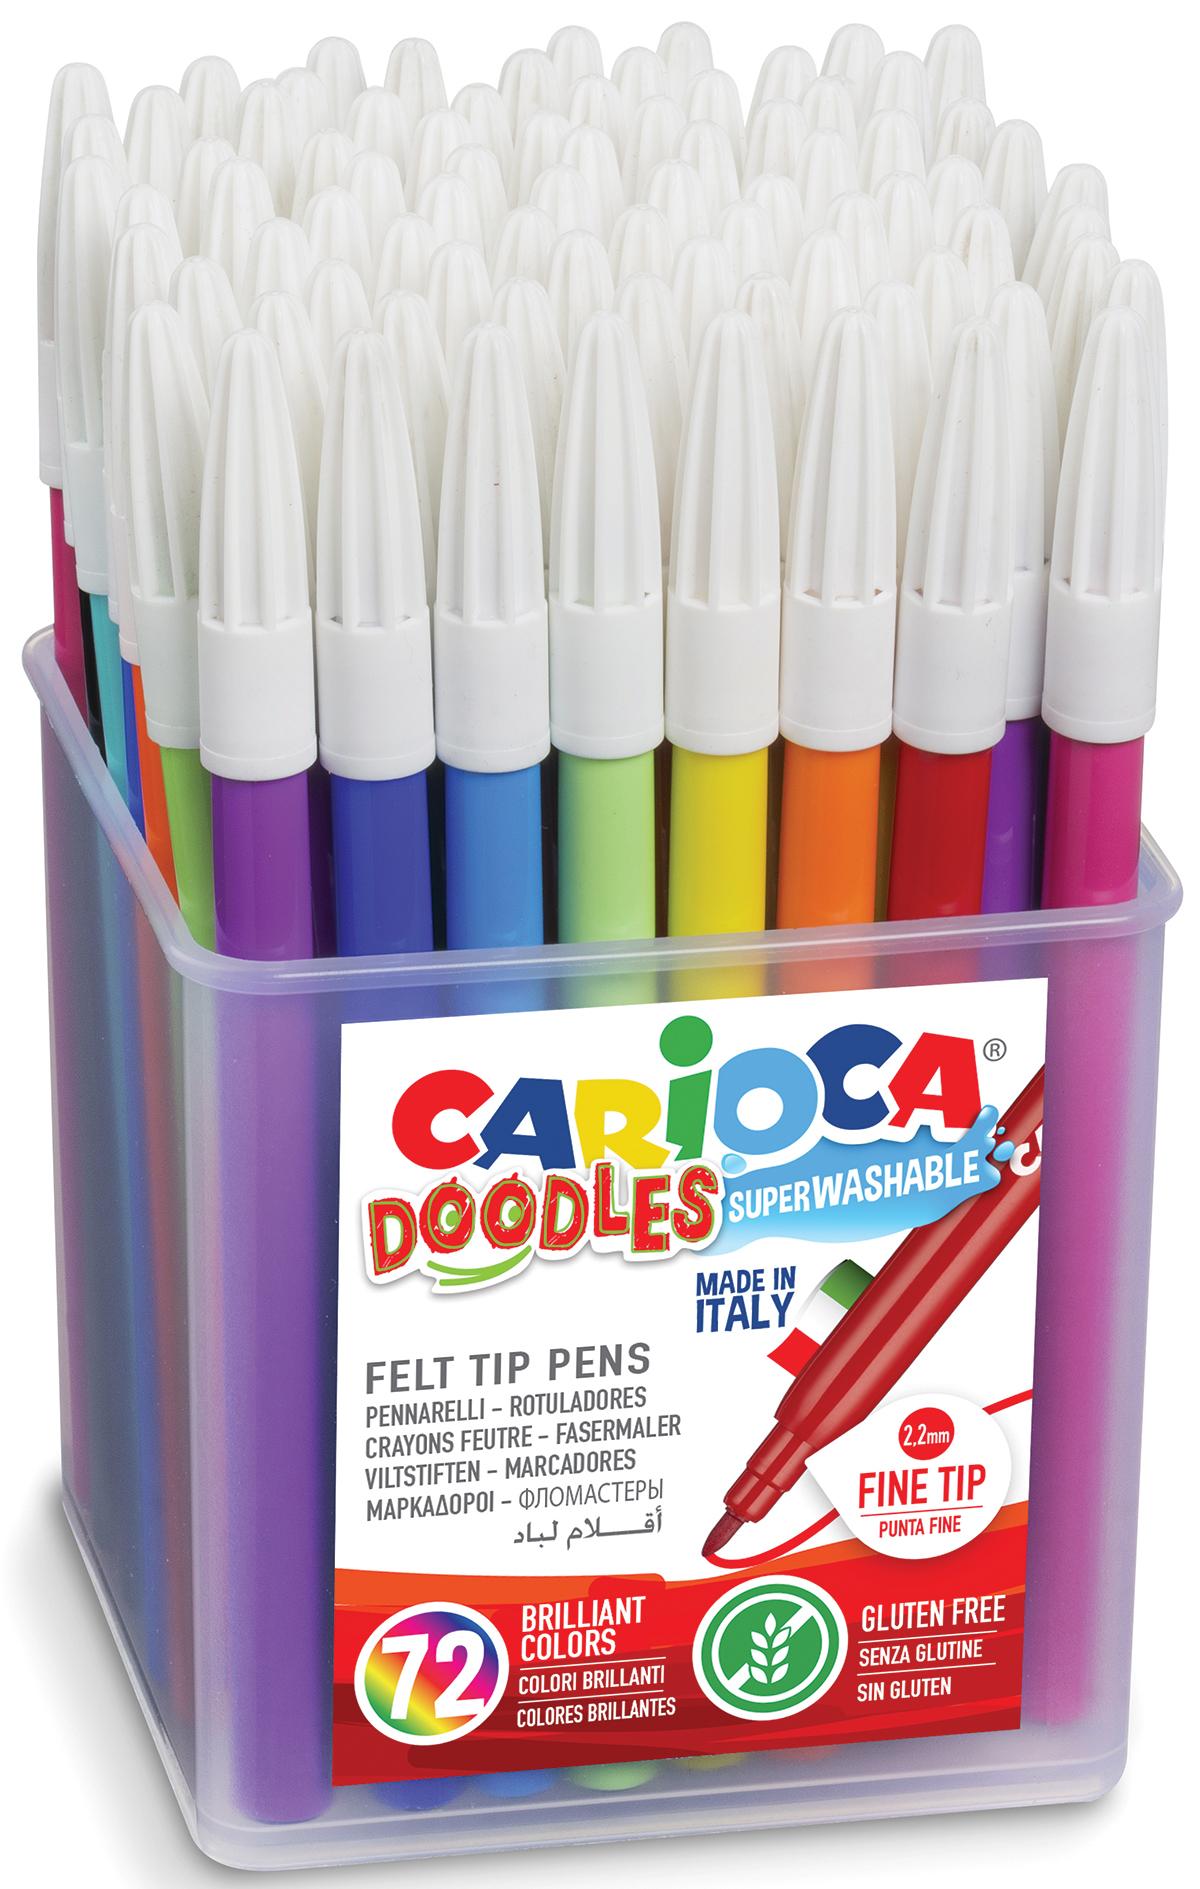 Carioca Набор фломастеров Doodles 72 цвета -  Фломастеры